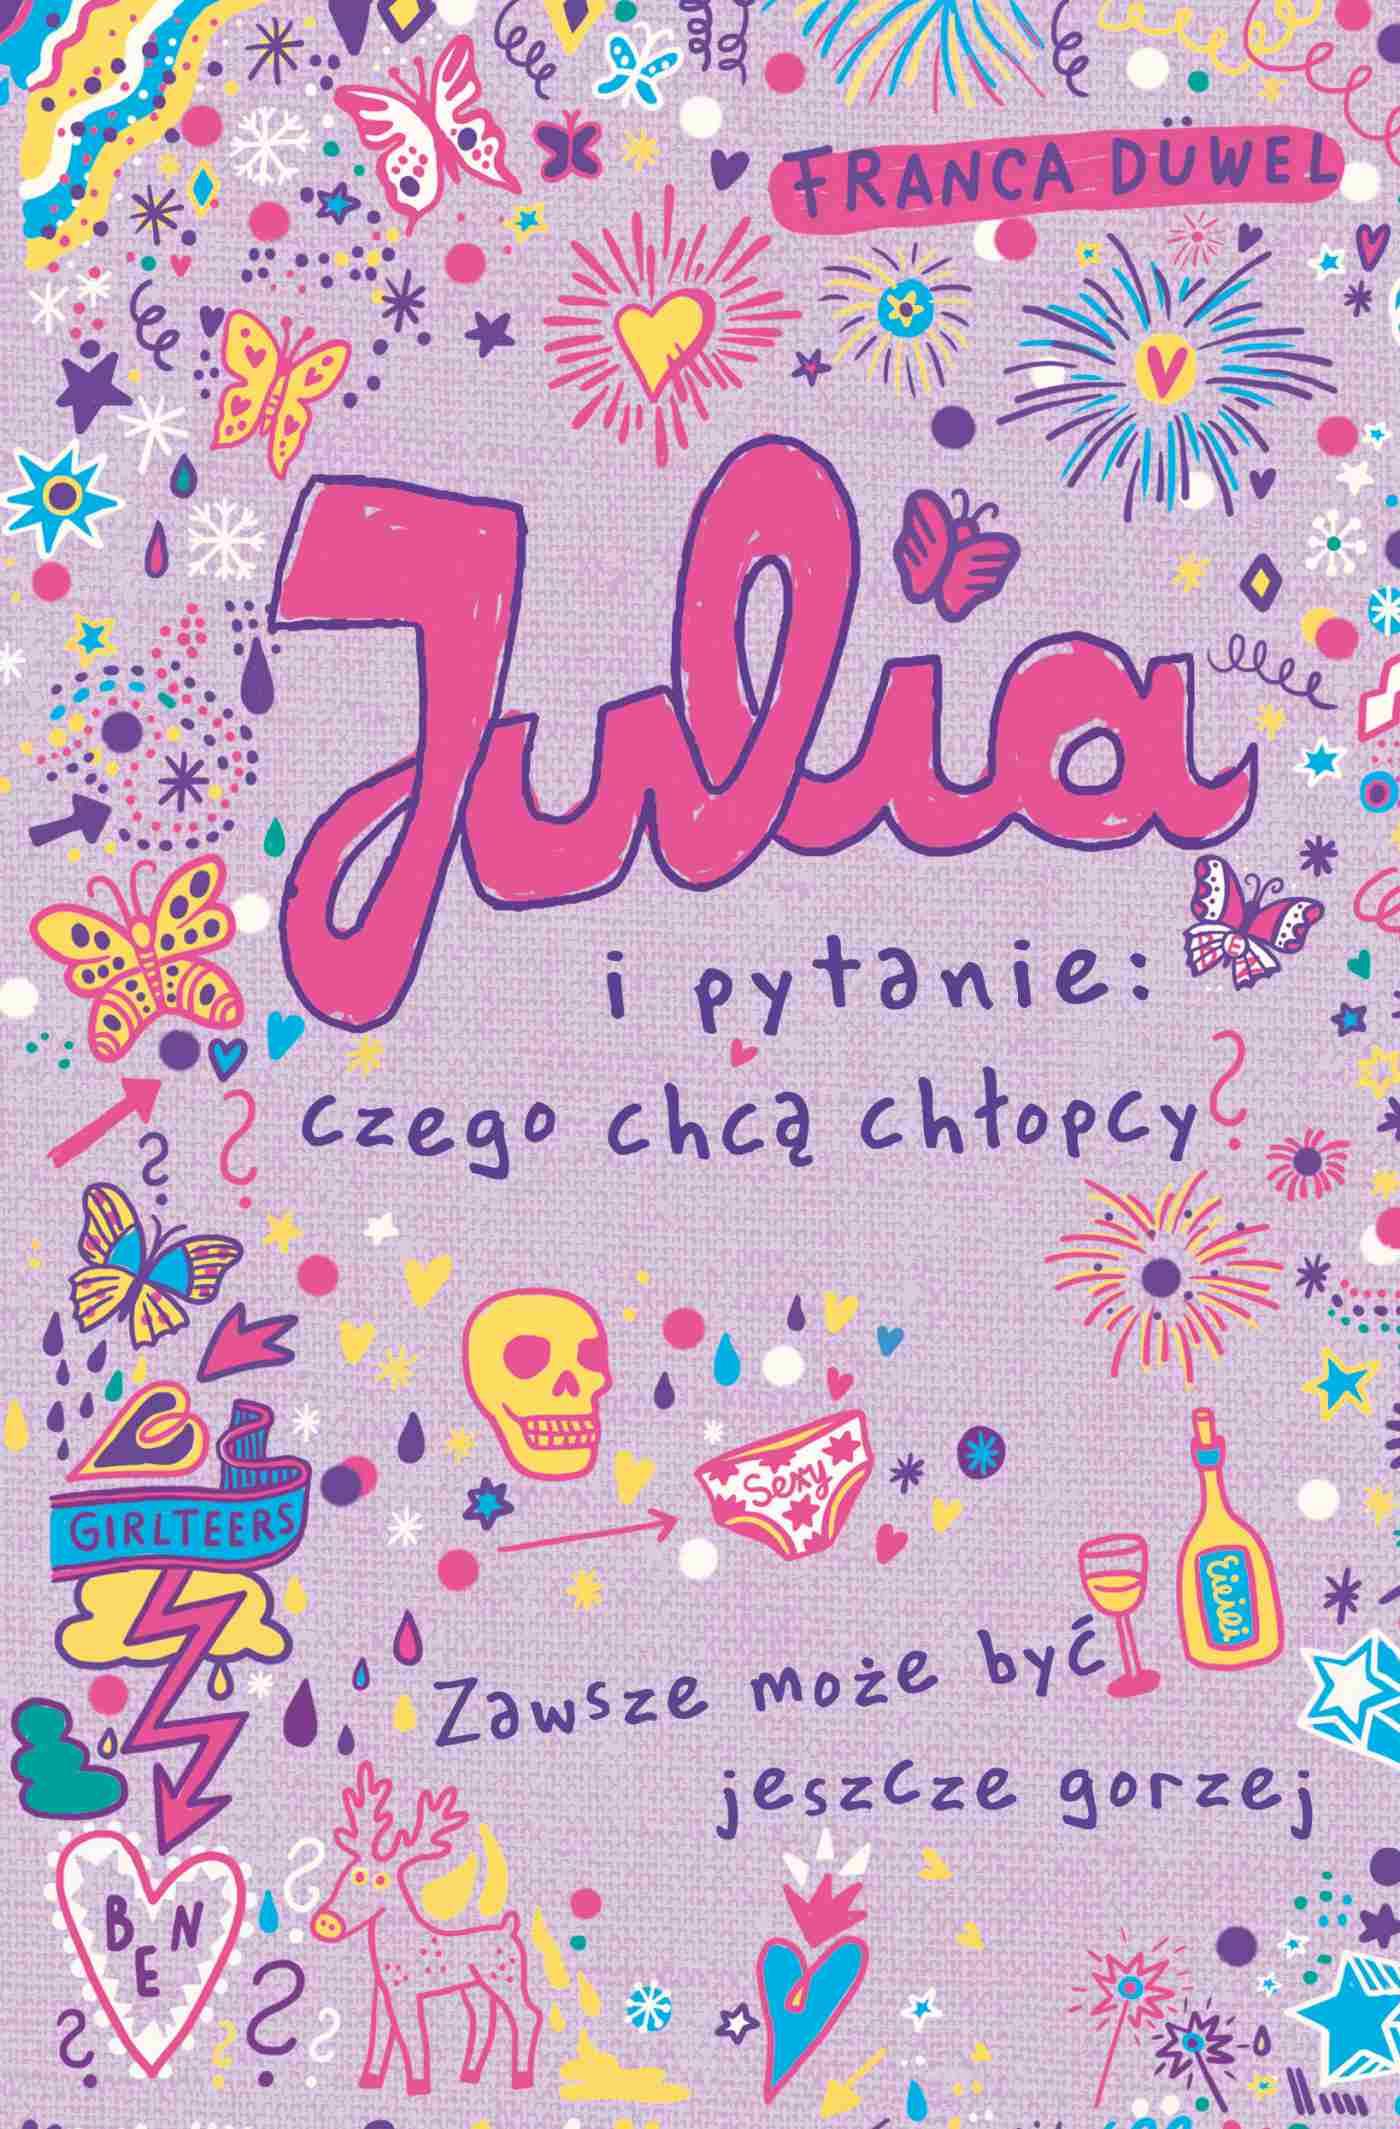 Julia i pytanie: czego chcą chłopcy? - Ebook (Książka EPUB) do pobrania w formacie EPUB